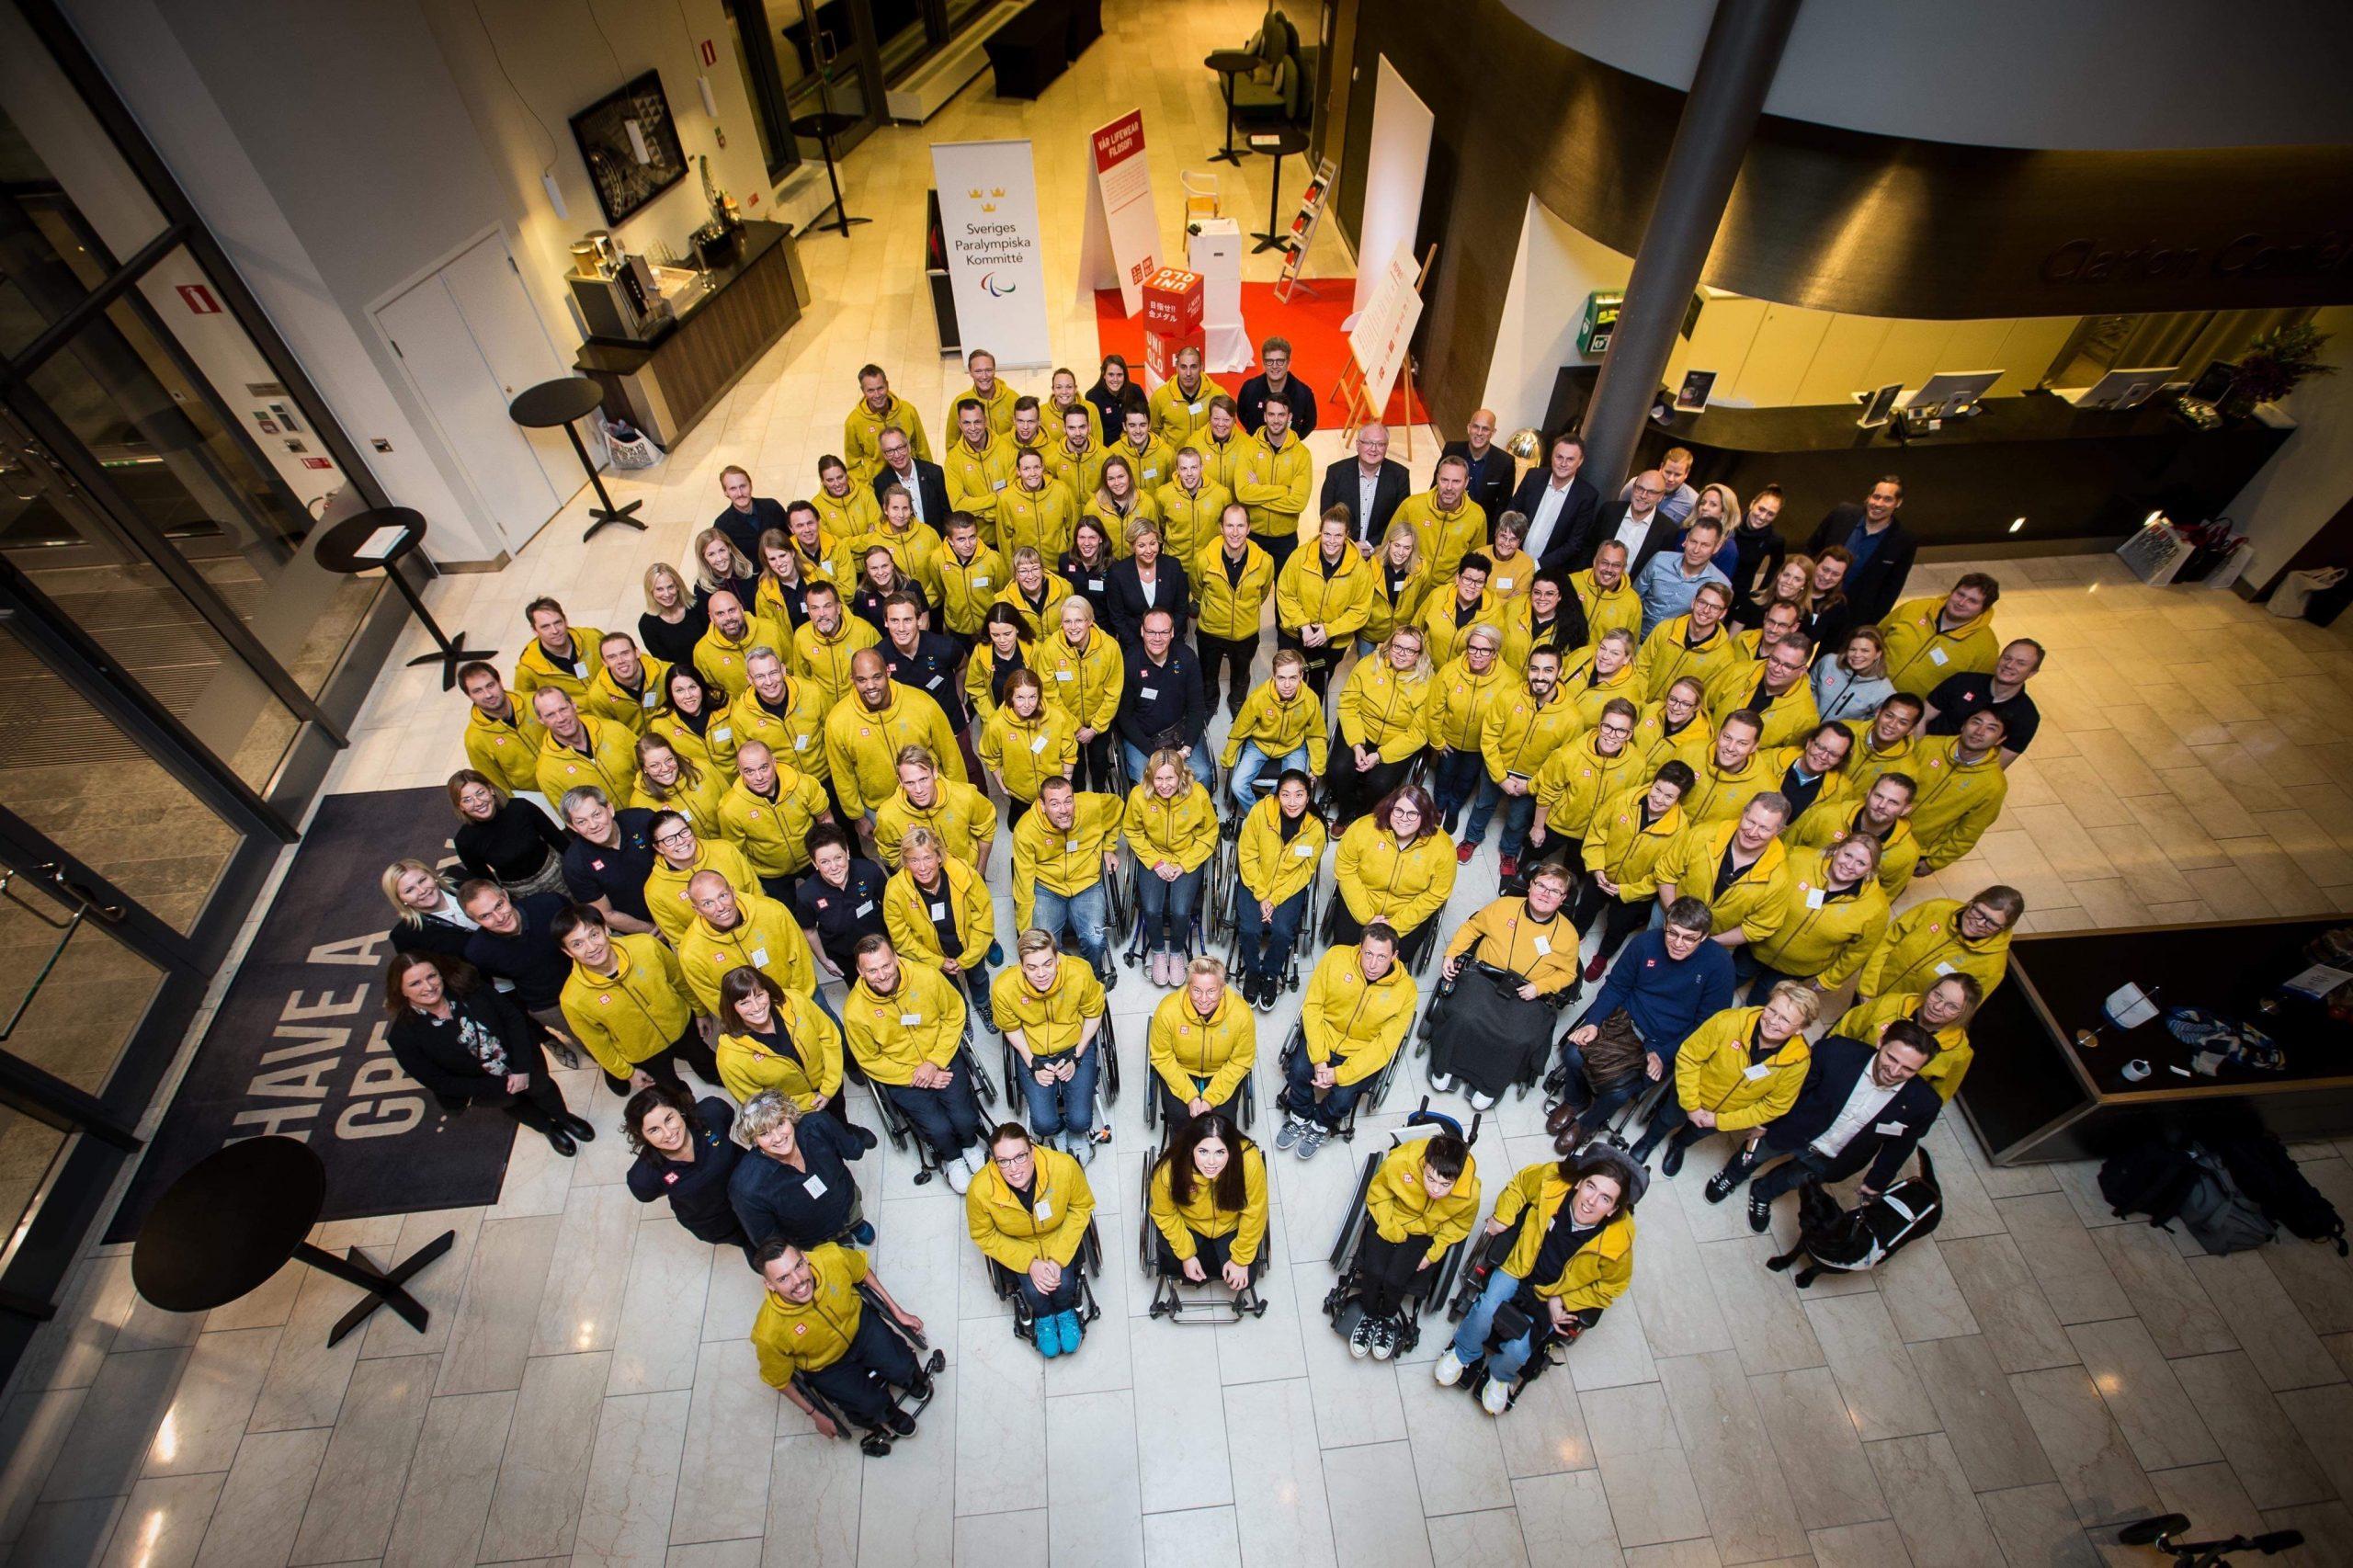 De svenska paralympiska kandidaterna med sponsorer och gäster. Fatmir Seremeti står med Gibson mitt i klungan.